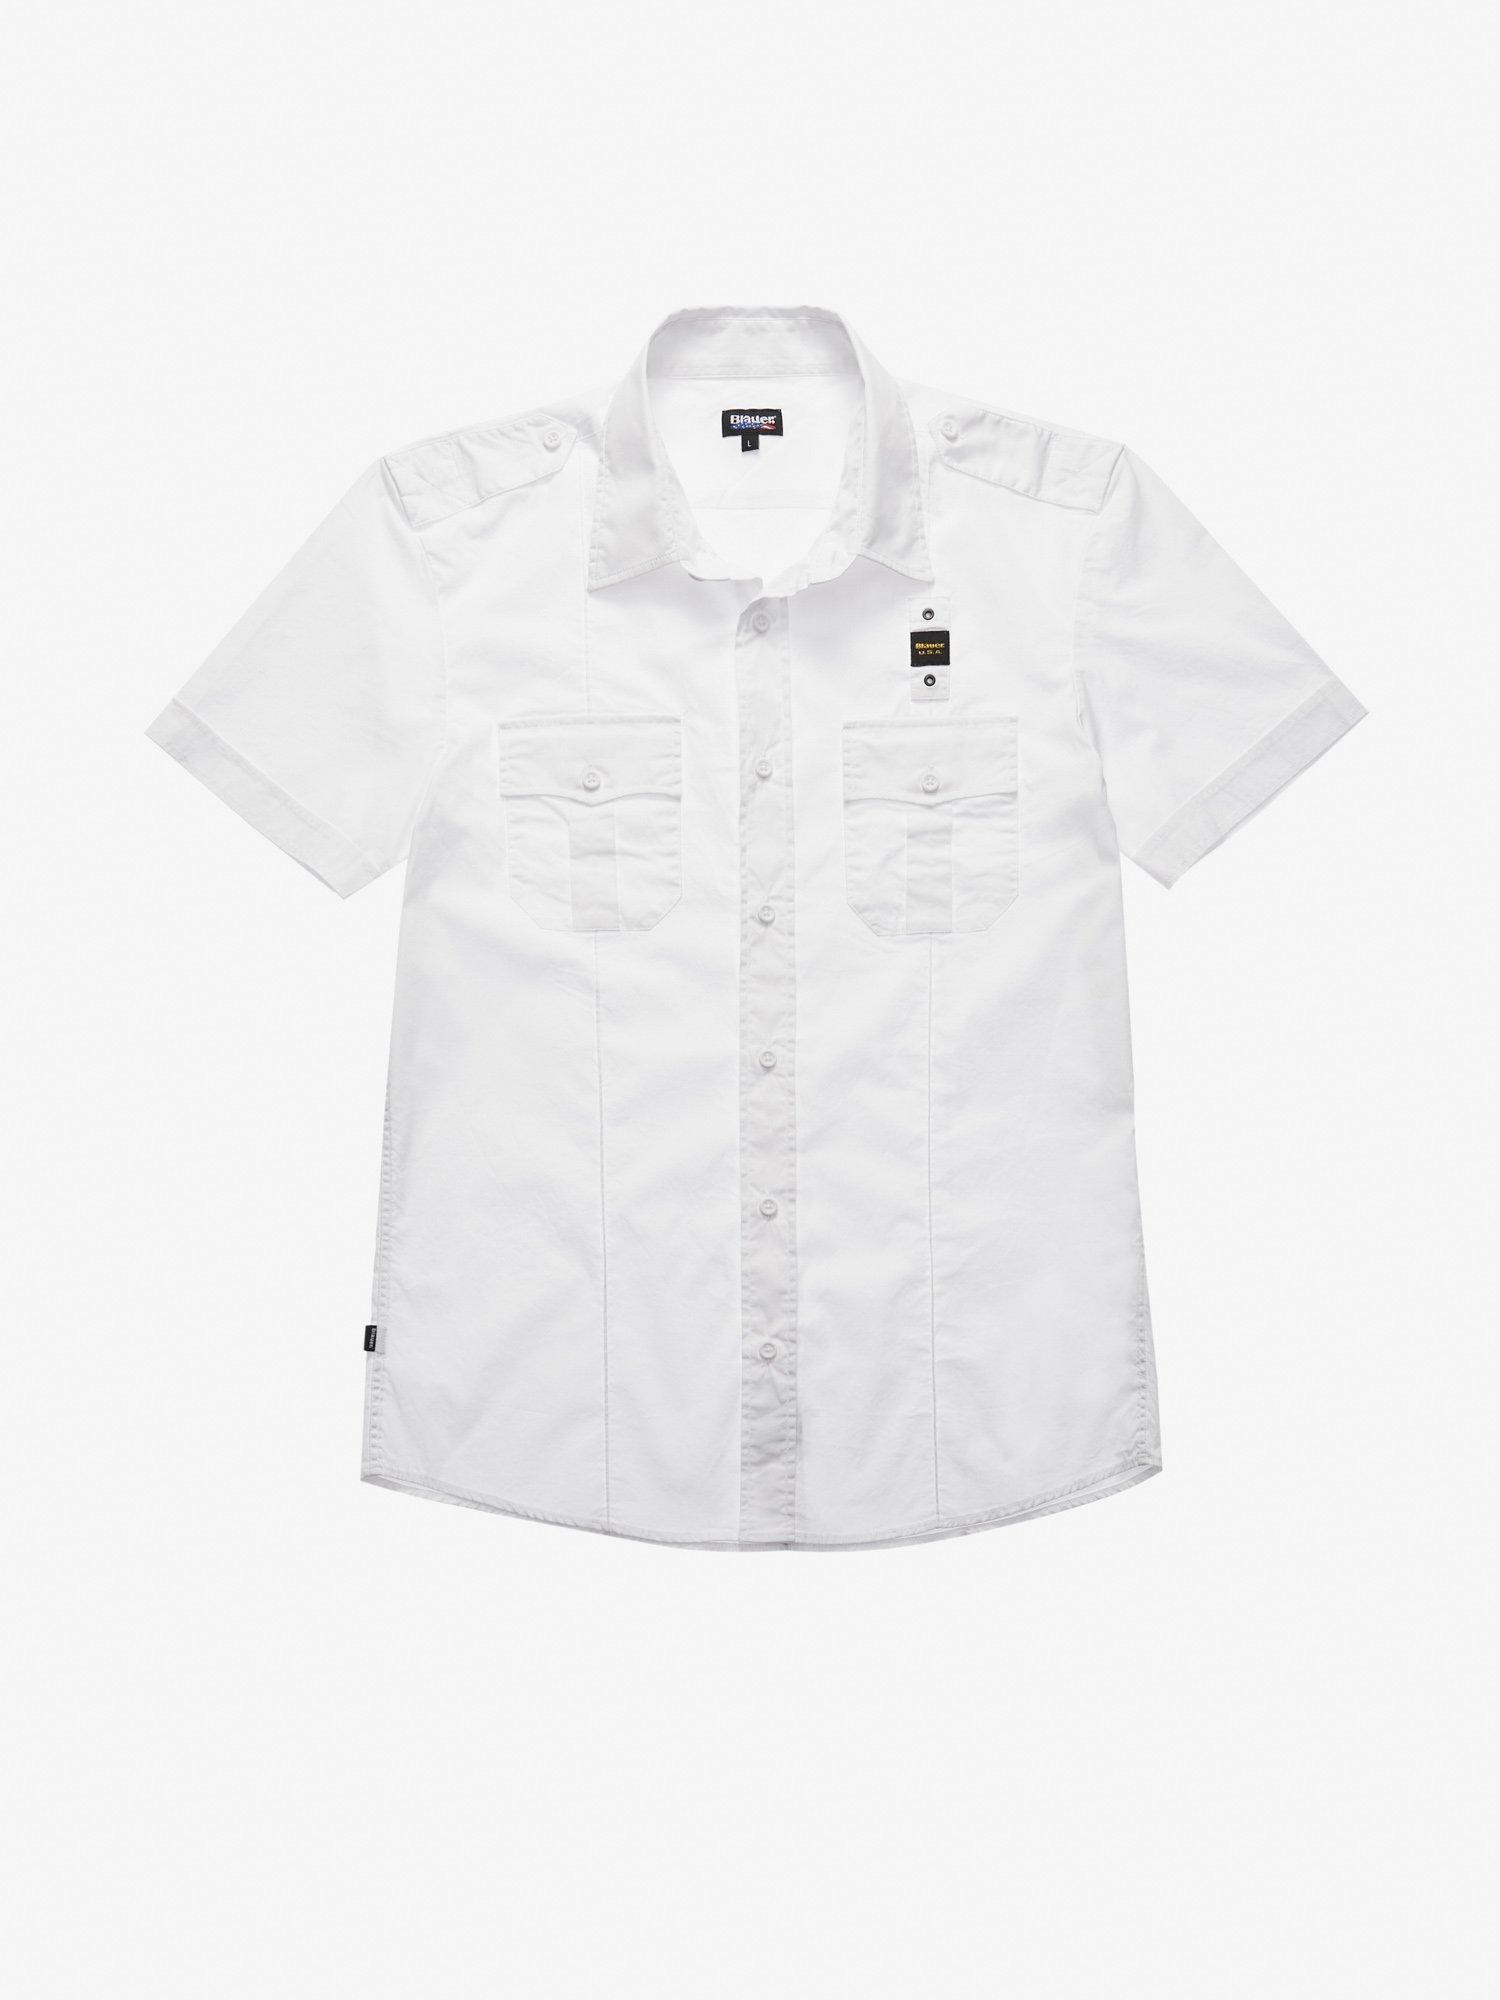 5ba86f6d4183 Camicie uomo online (maniche lunghe e corte) | Blauer®